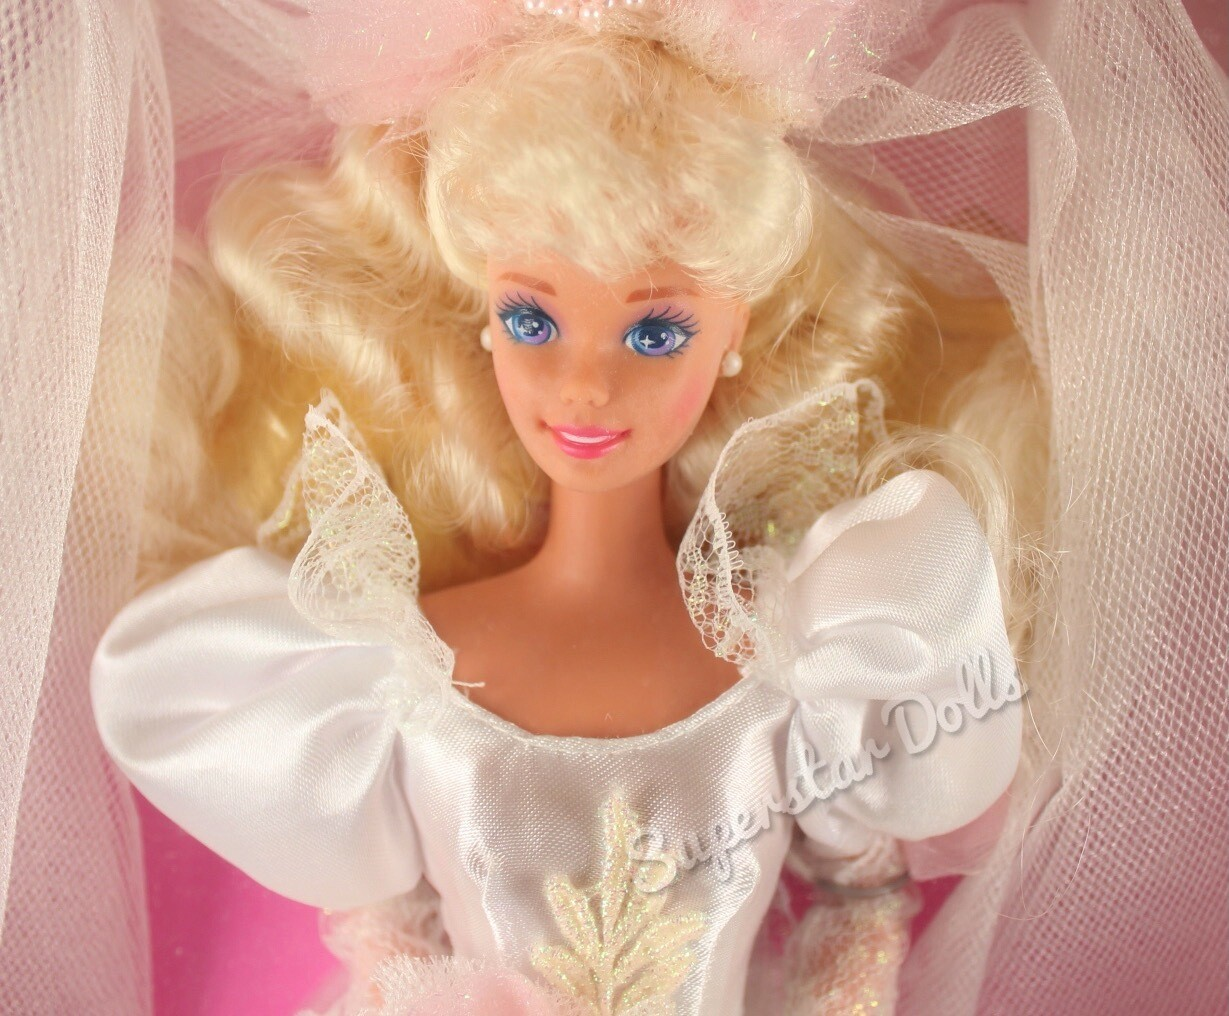 1992 Romantic Bride Barbie Doll MINT